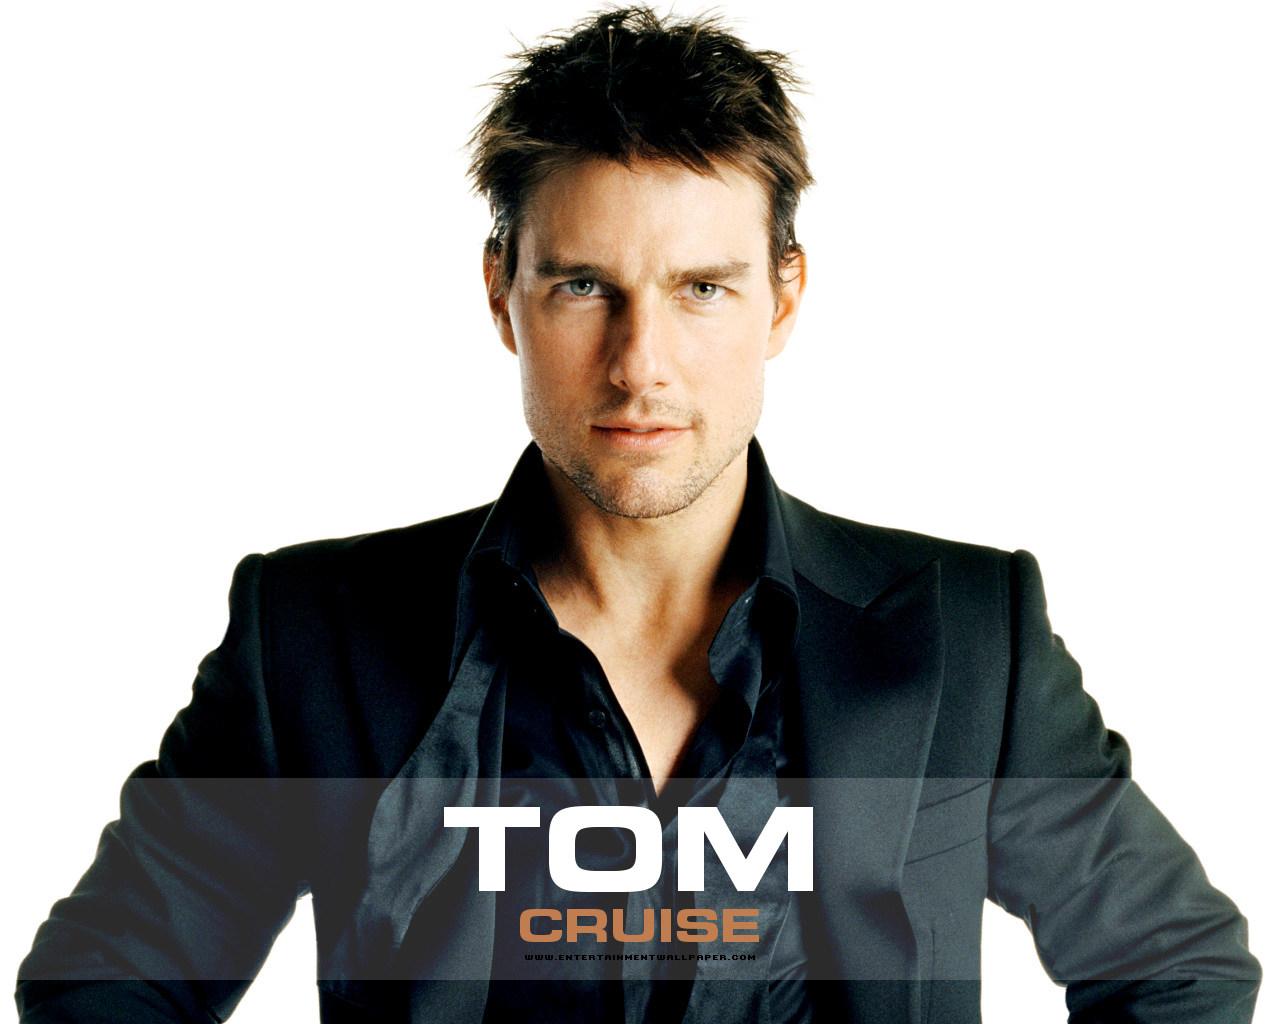 http://2.bp.blogspot.com/-8Z1TBCok_e8/UDY4UjPiq2I/AAAAAAAAE6s/ZOrkdWqmqWQ/s1600/HD-Tom-Cruise.jpg